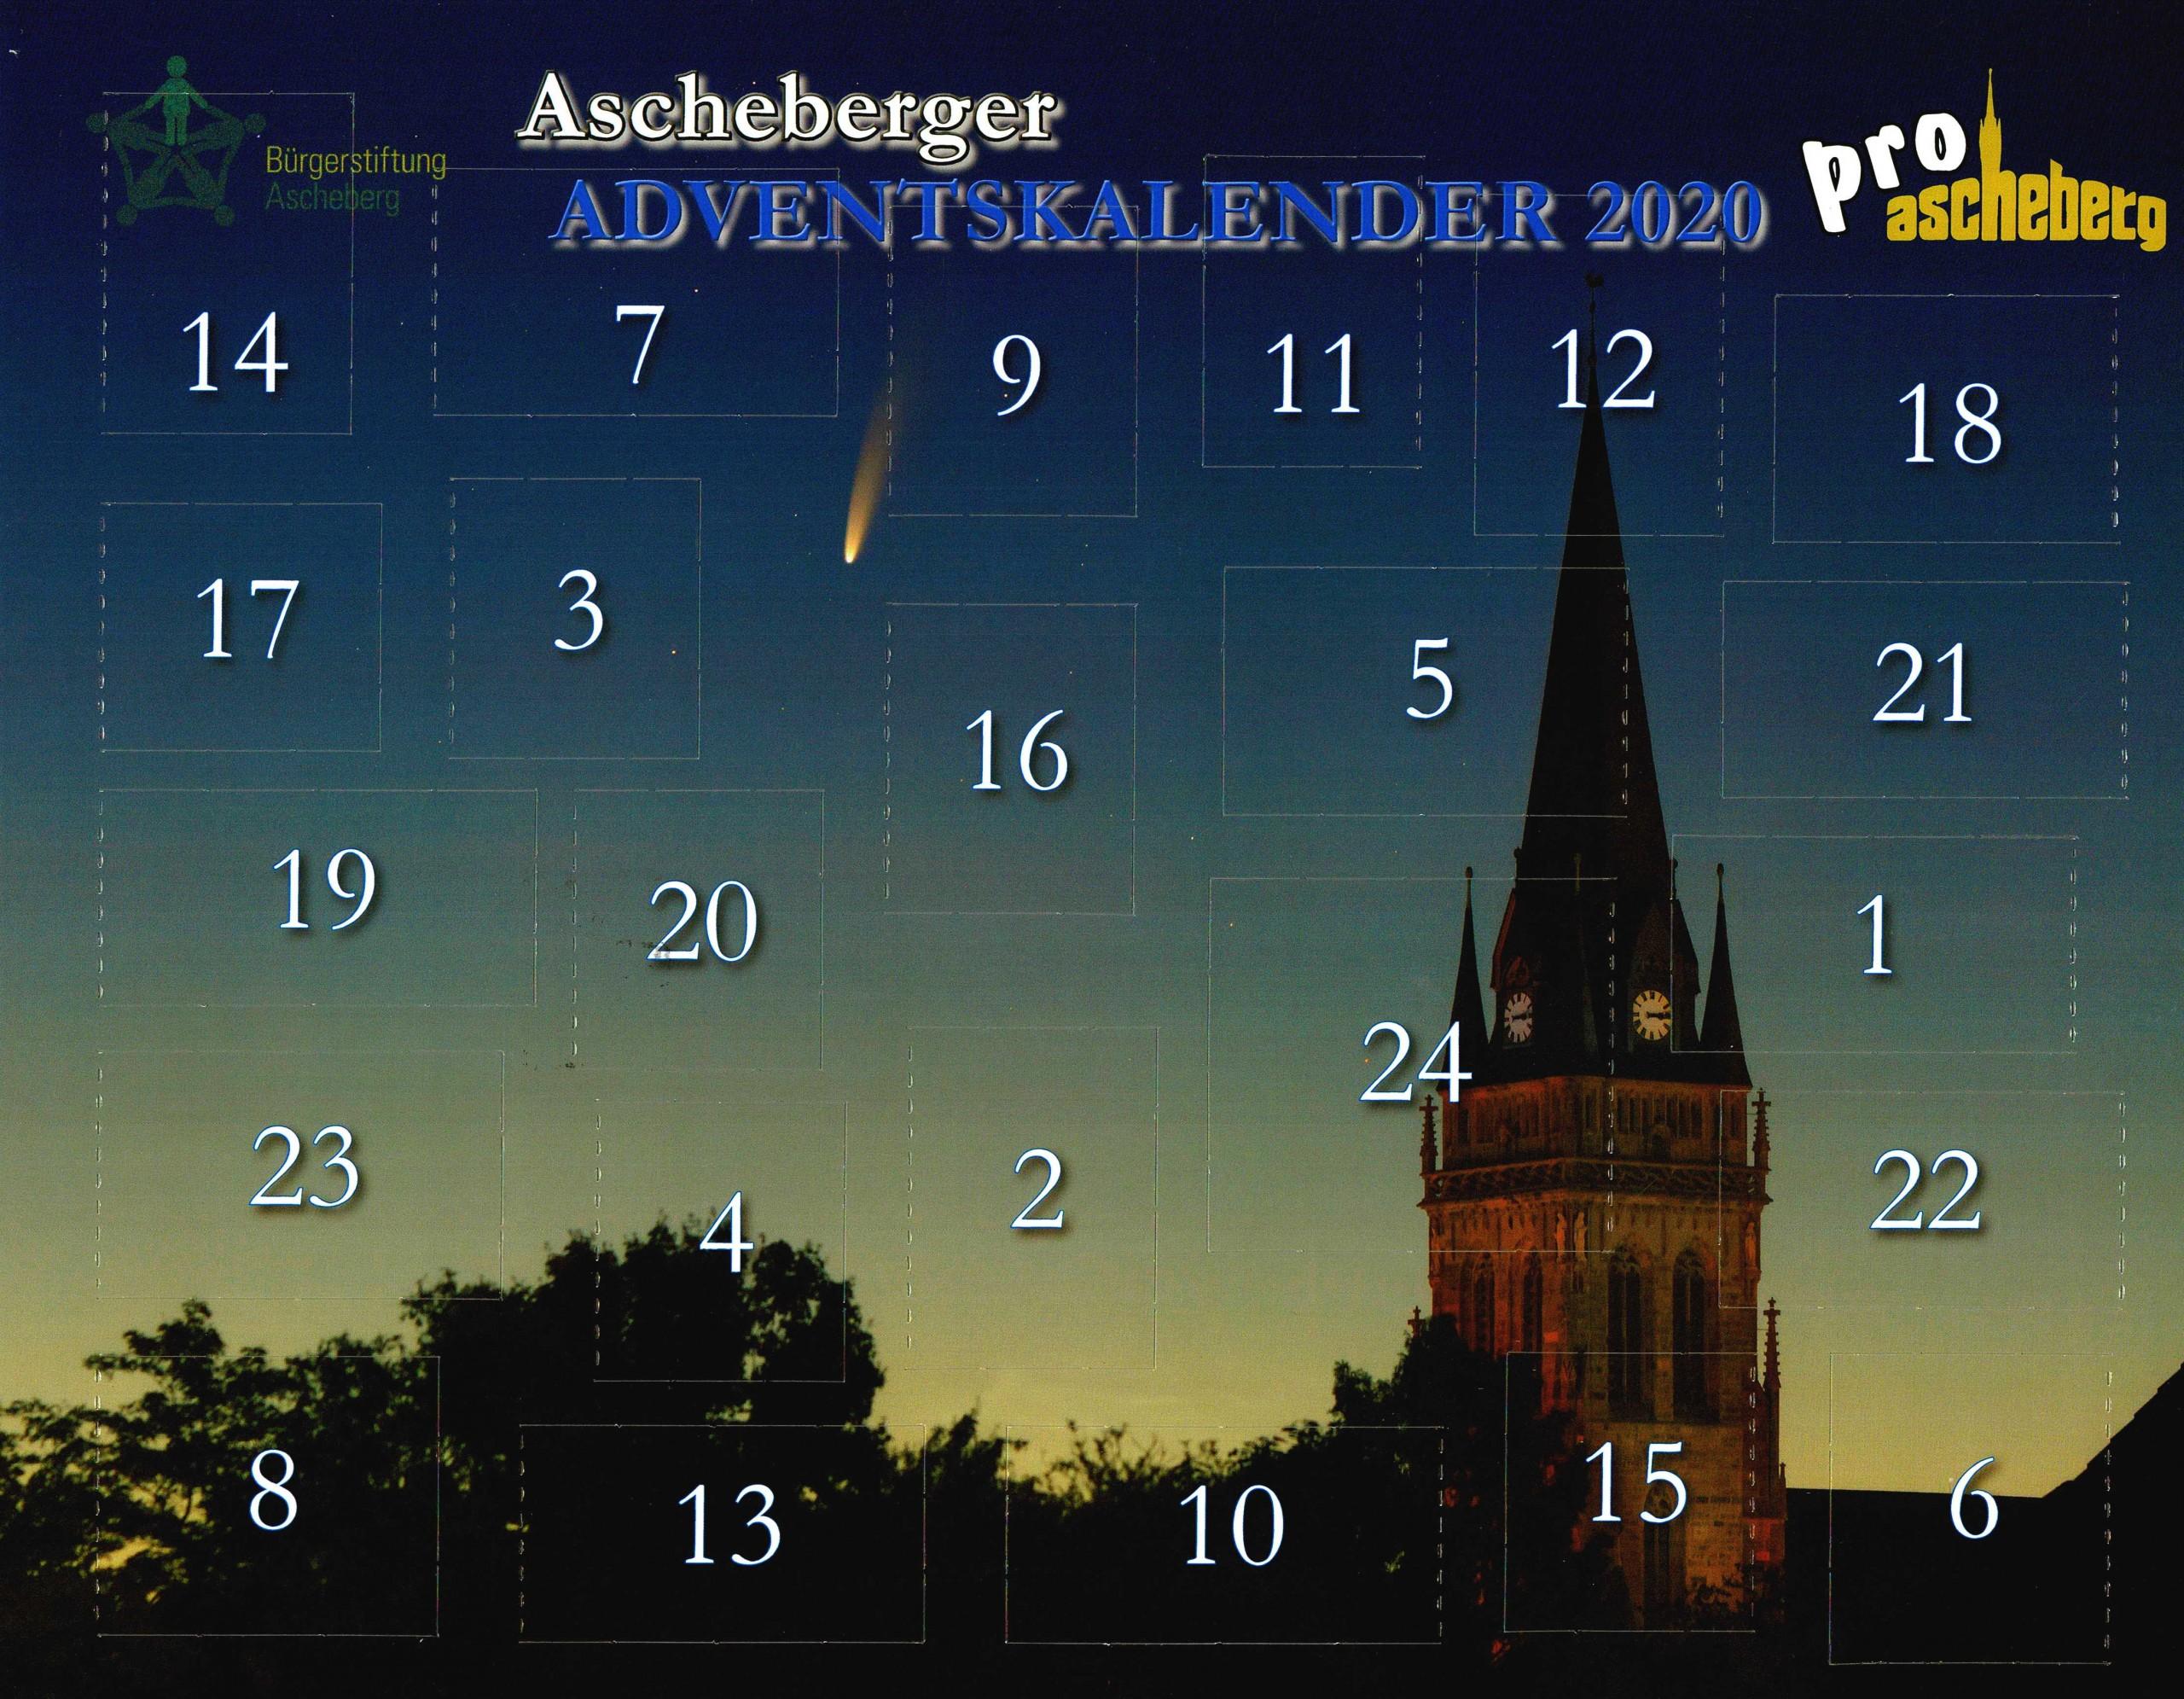 Ascheberger Adventskalender 2020